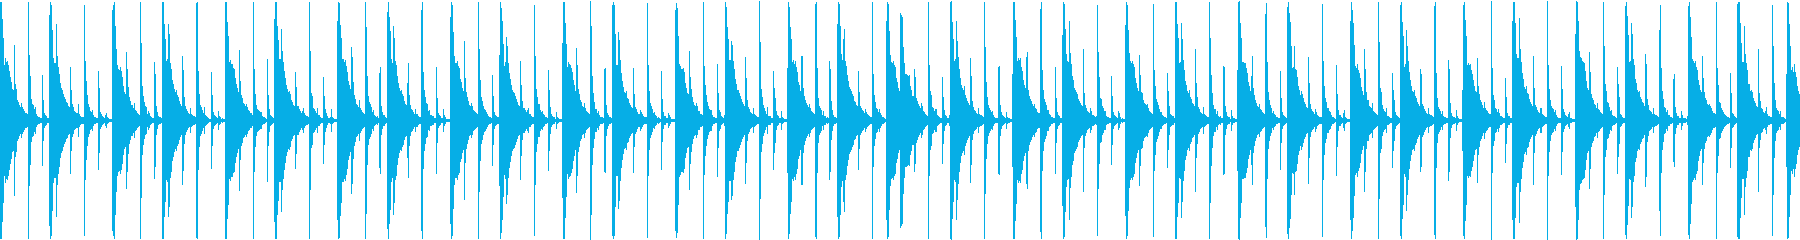 ジャンベ|リズム・ループ 4の再生済みの波形